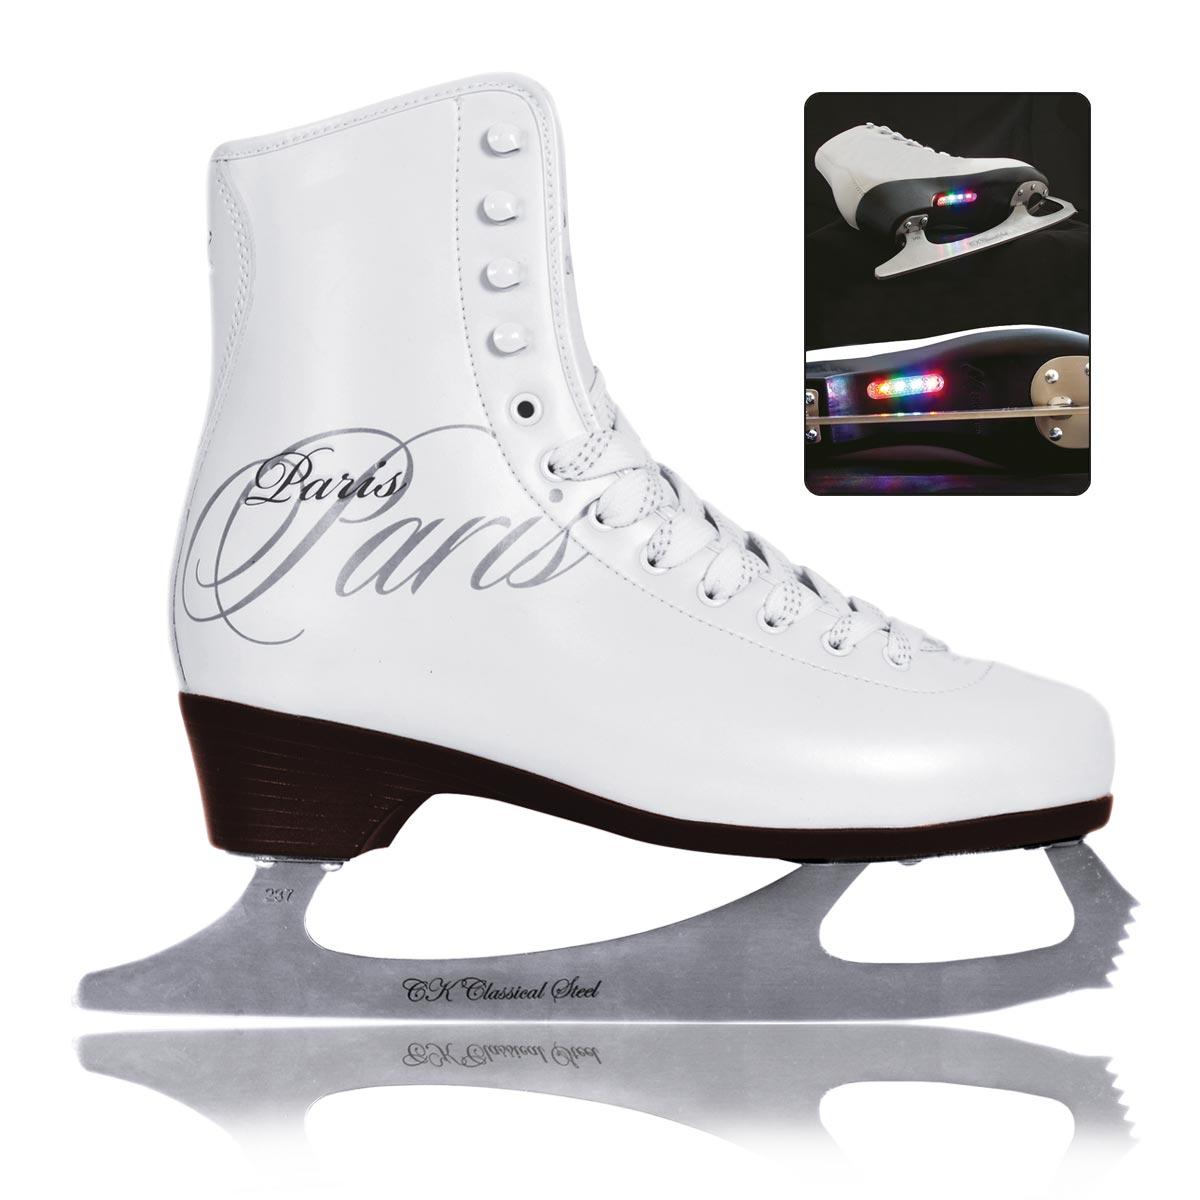 Коньки фигурные для девочки CK Paris Lux Tricot, цвет: белый. Размер 35